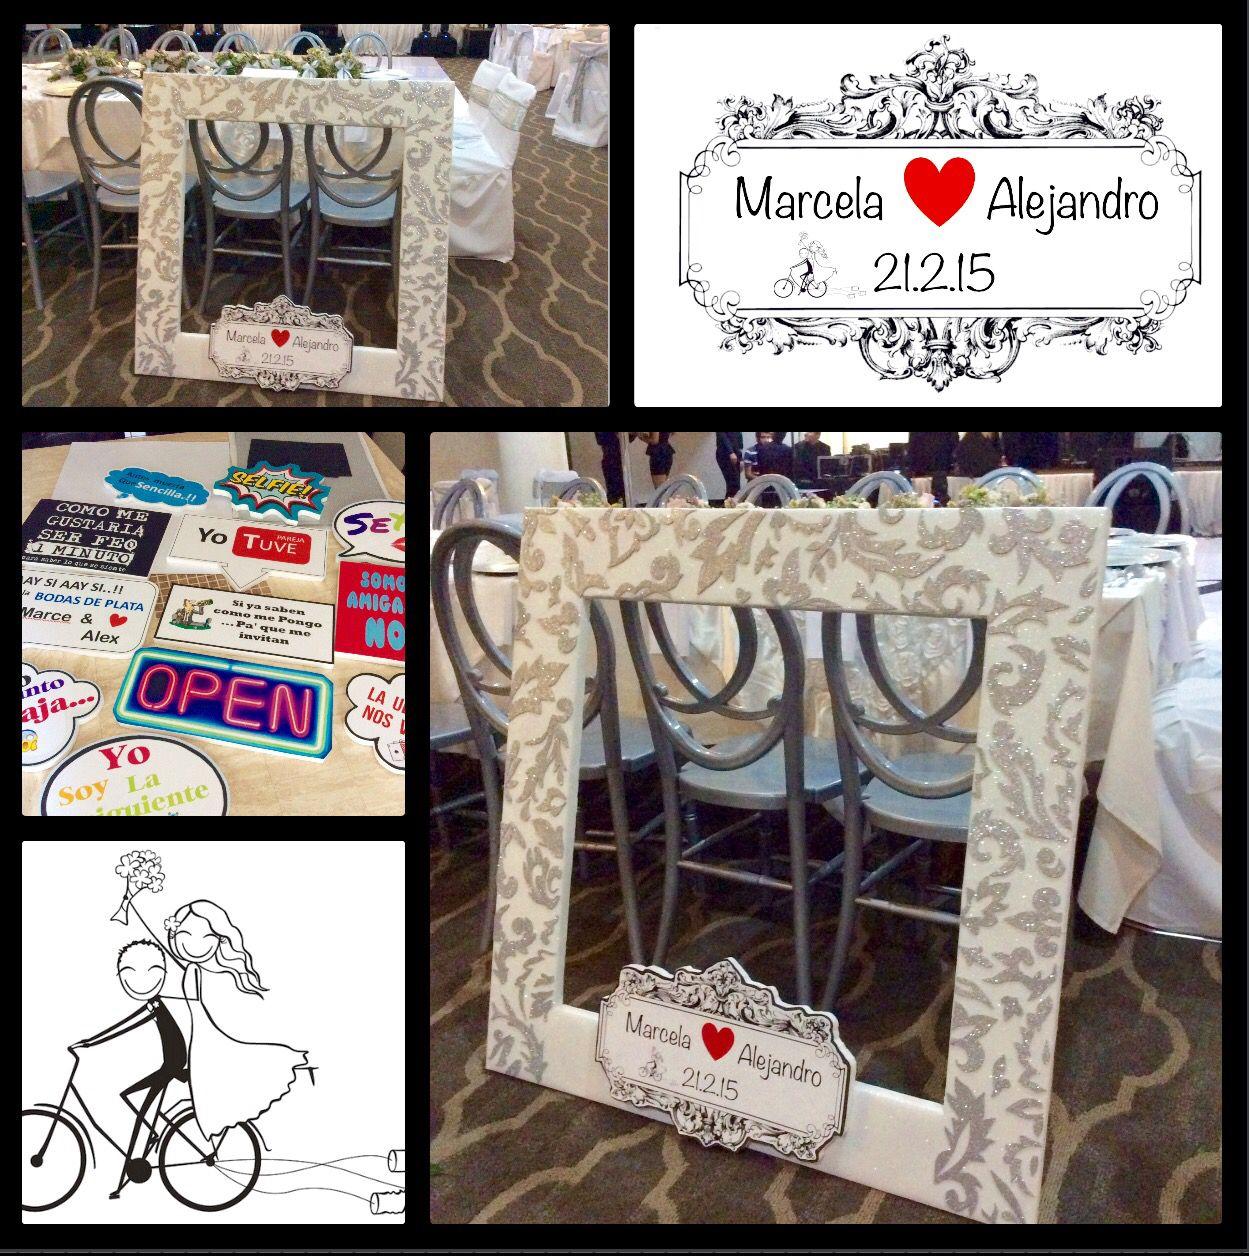 Marco Fotos Bodas De Plata Bridal Shower Photos Booth Wedding Wedding Frames